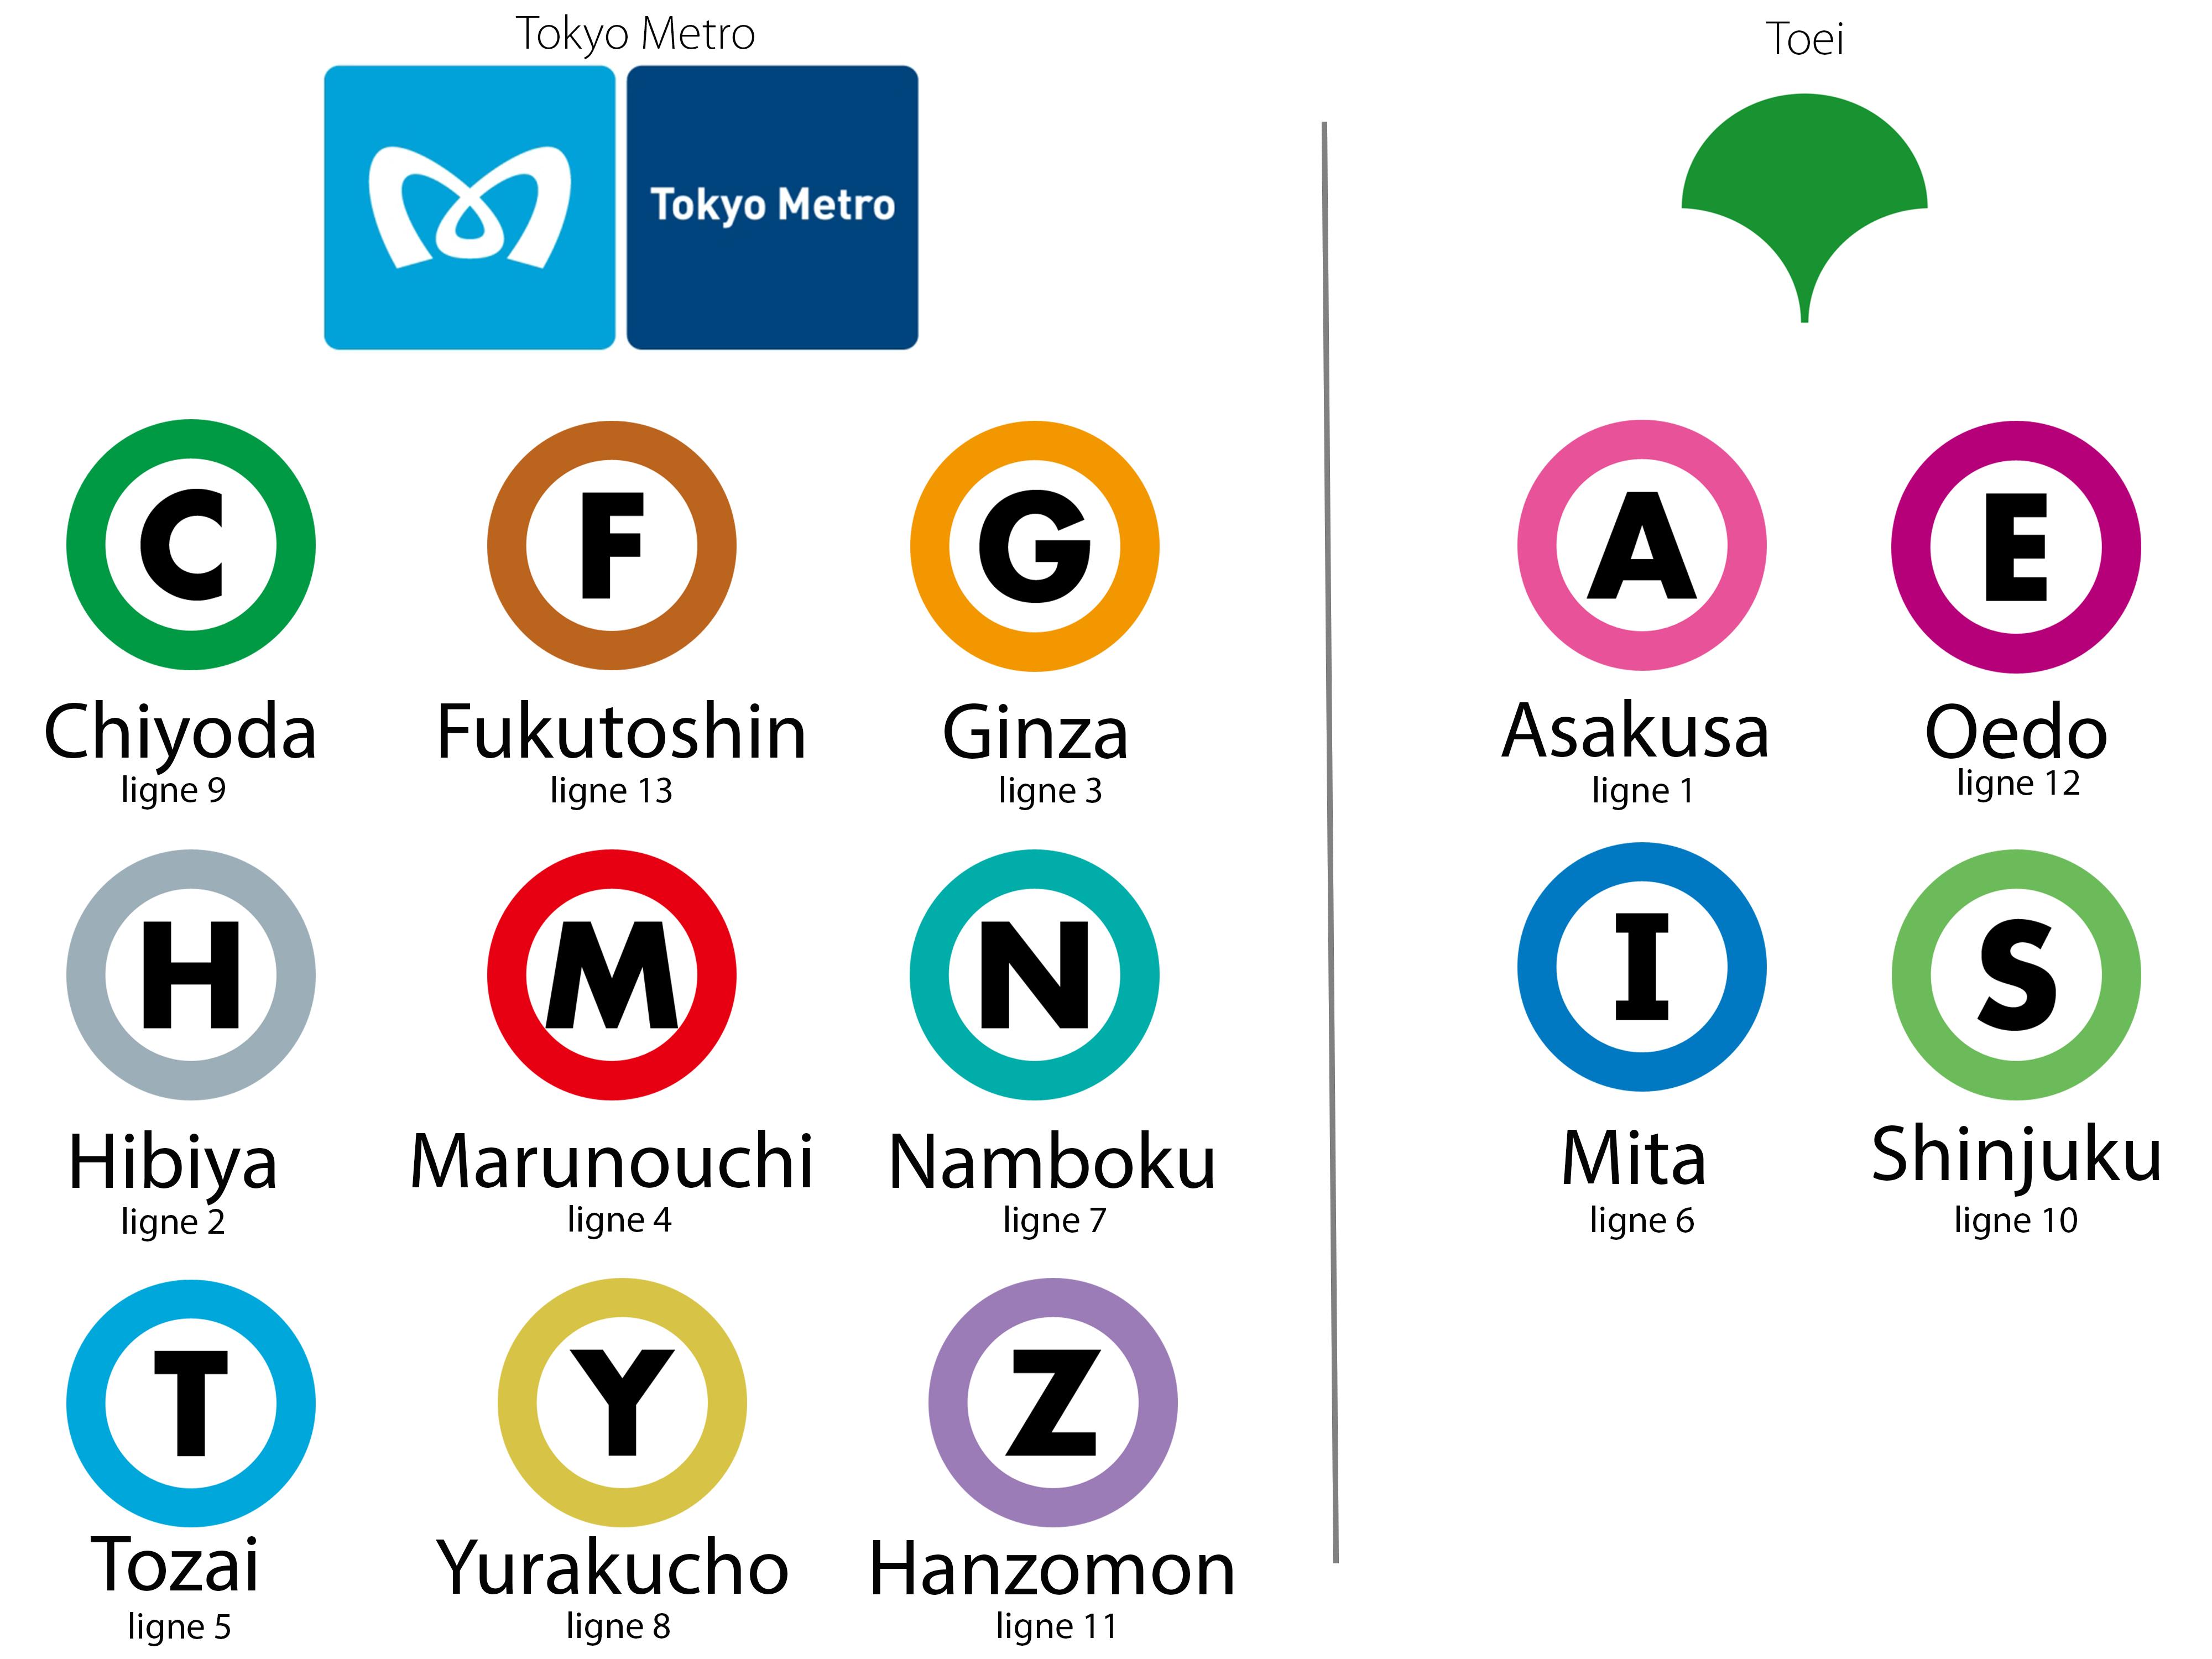 Les 13 lignes de métro de la capitale du Japon